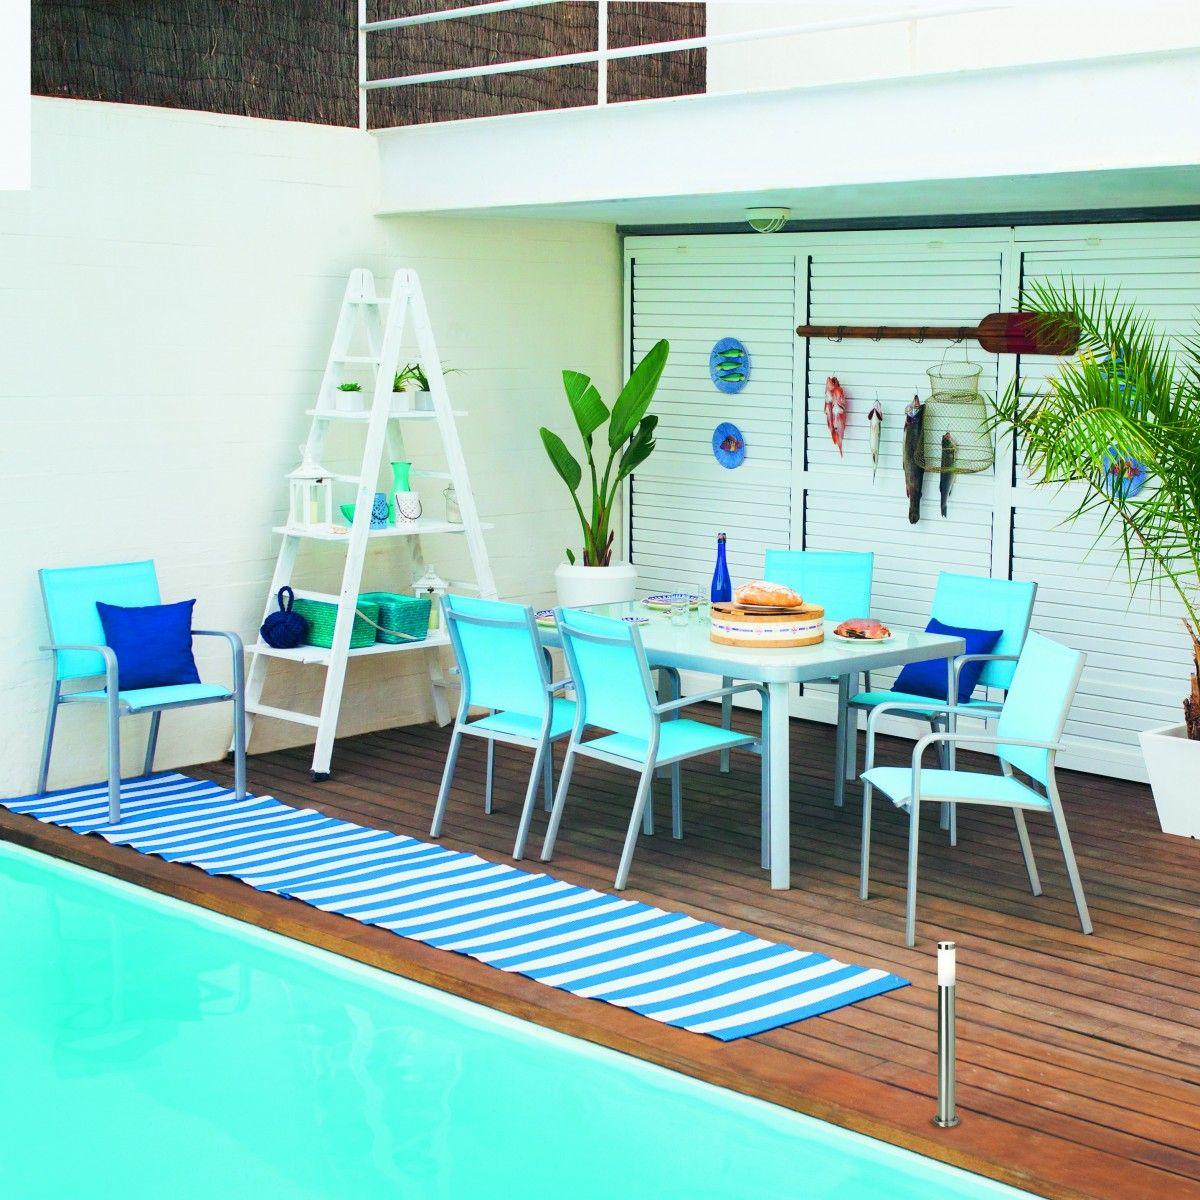 Sofas para jardin fundas muebles de jardn sof y mesa for Fundas muebles terraza